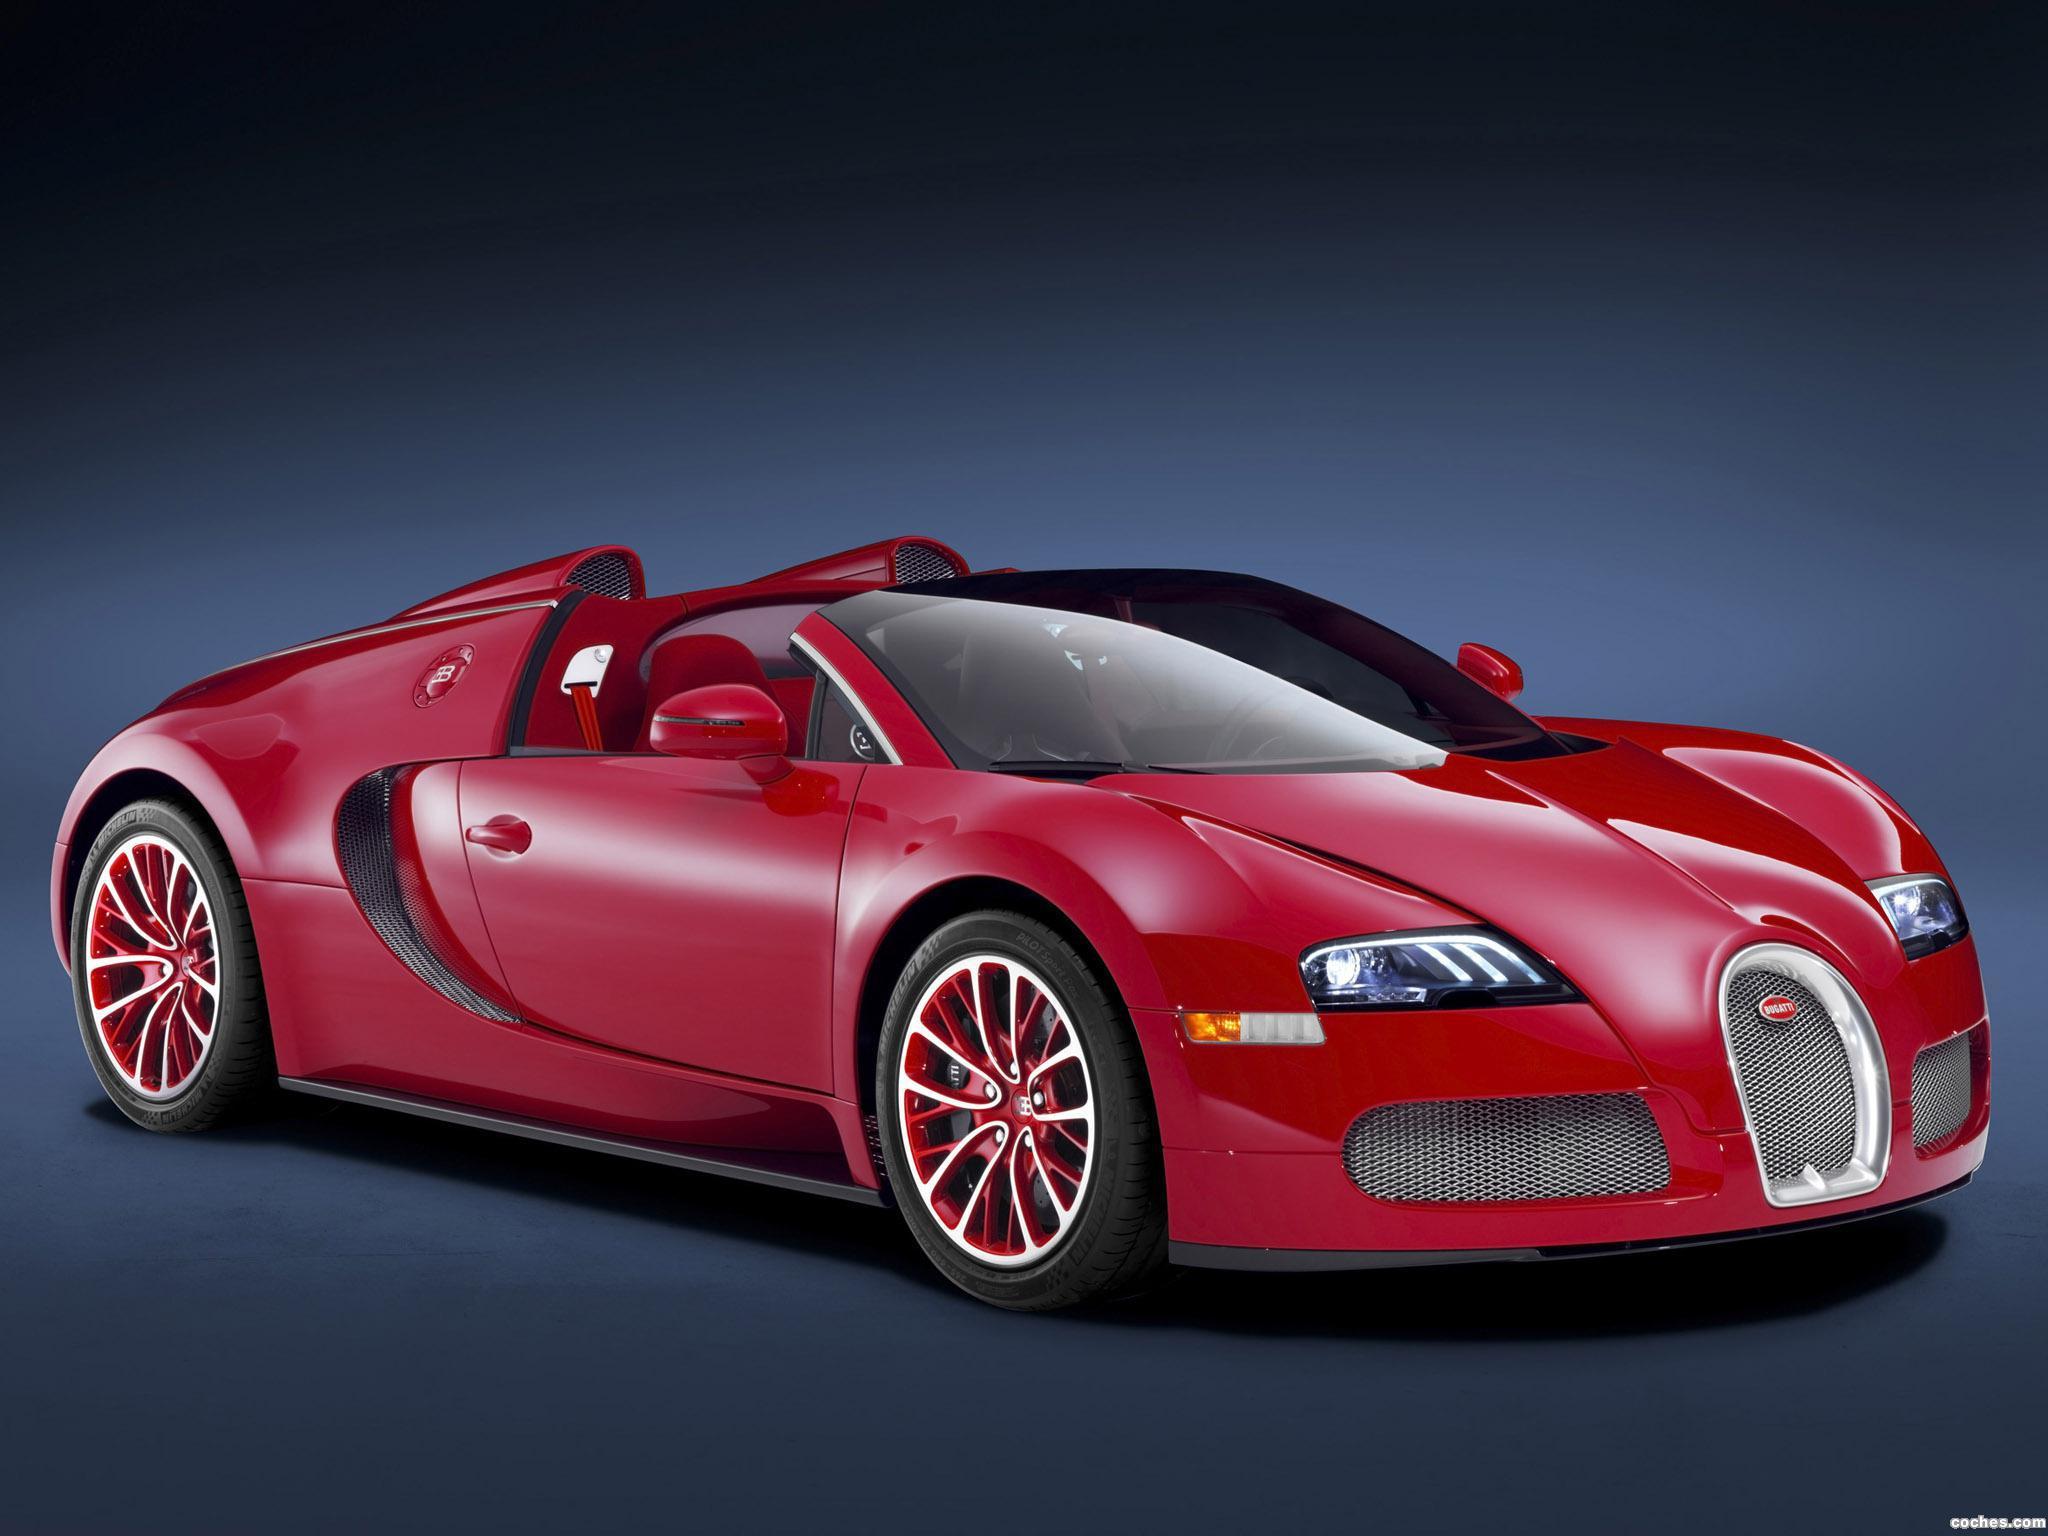 Foto 0 de Bugatti Veyron Grand Sport Scarlet 2011